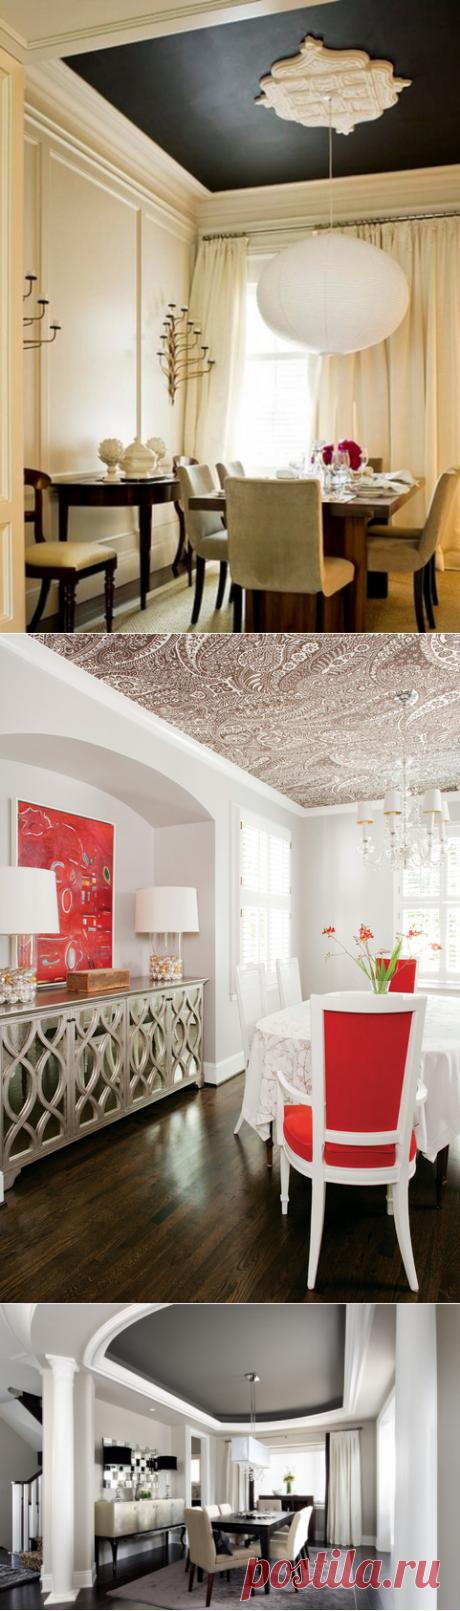 23 оригинальных идеи по оформлению потолка